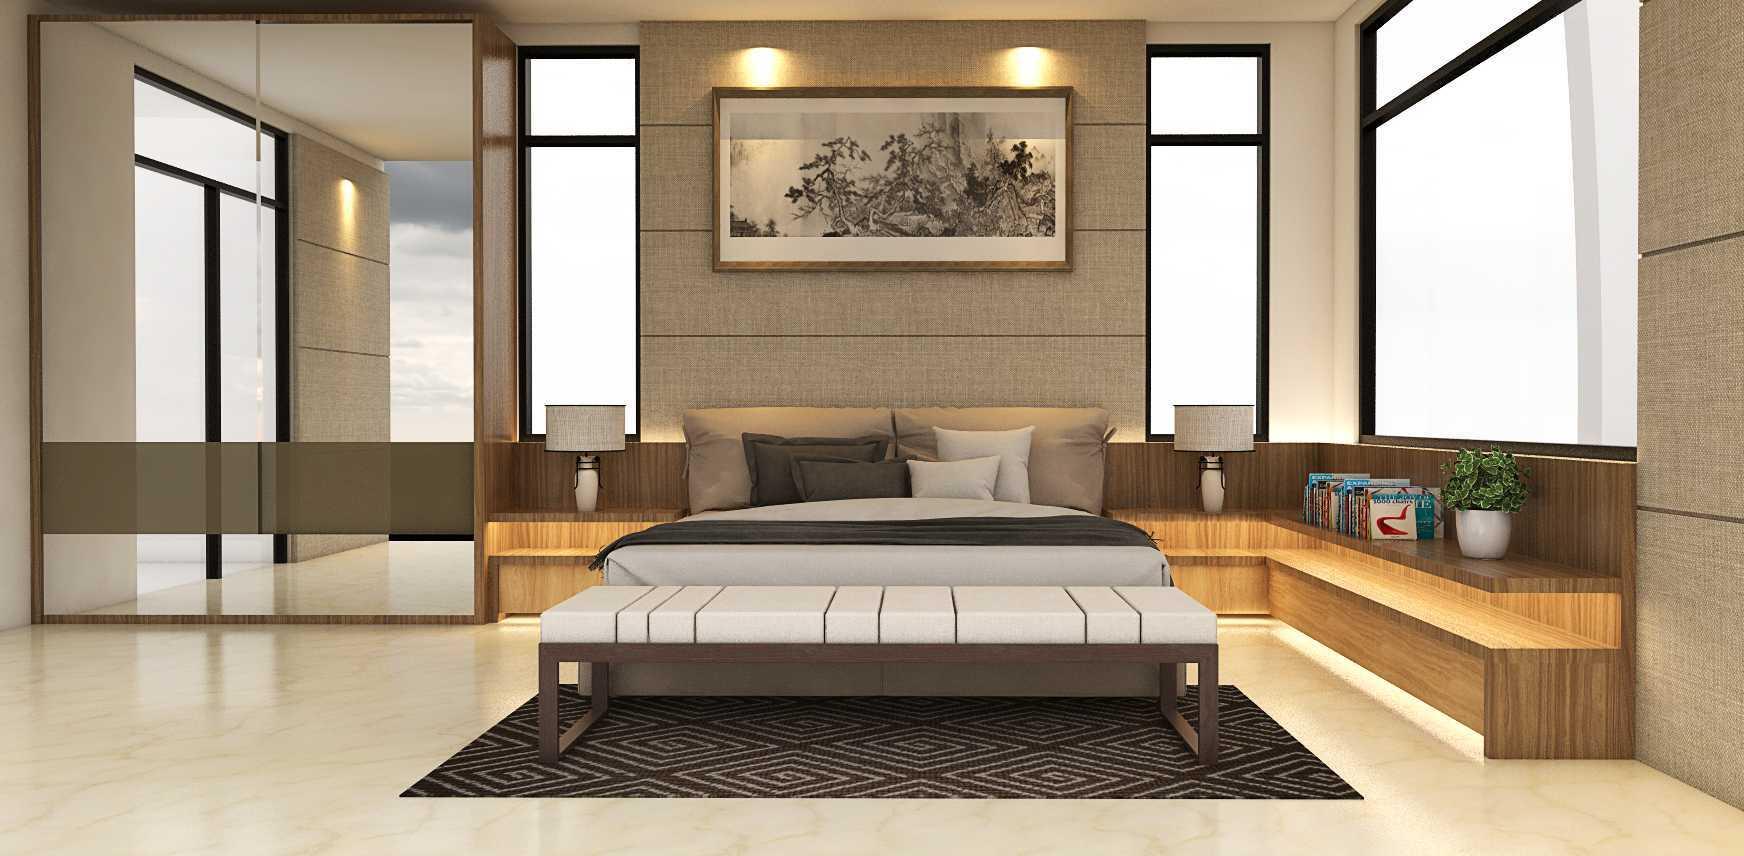 Sabio Design Classic White Bedroom Design - Dago Nirwana Bandung Dago, Kecamatan Coblong, Kota Bandung, Jawa Barat, Indonesia Dago, Kecamatan Coblong, Kota Bandung, Jawa Barat, Indonesia Sabio-Design-Classic-White-Bedroom-Design-Dago-Nirwana-Bandung  119918